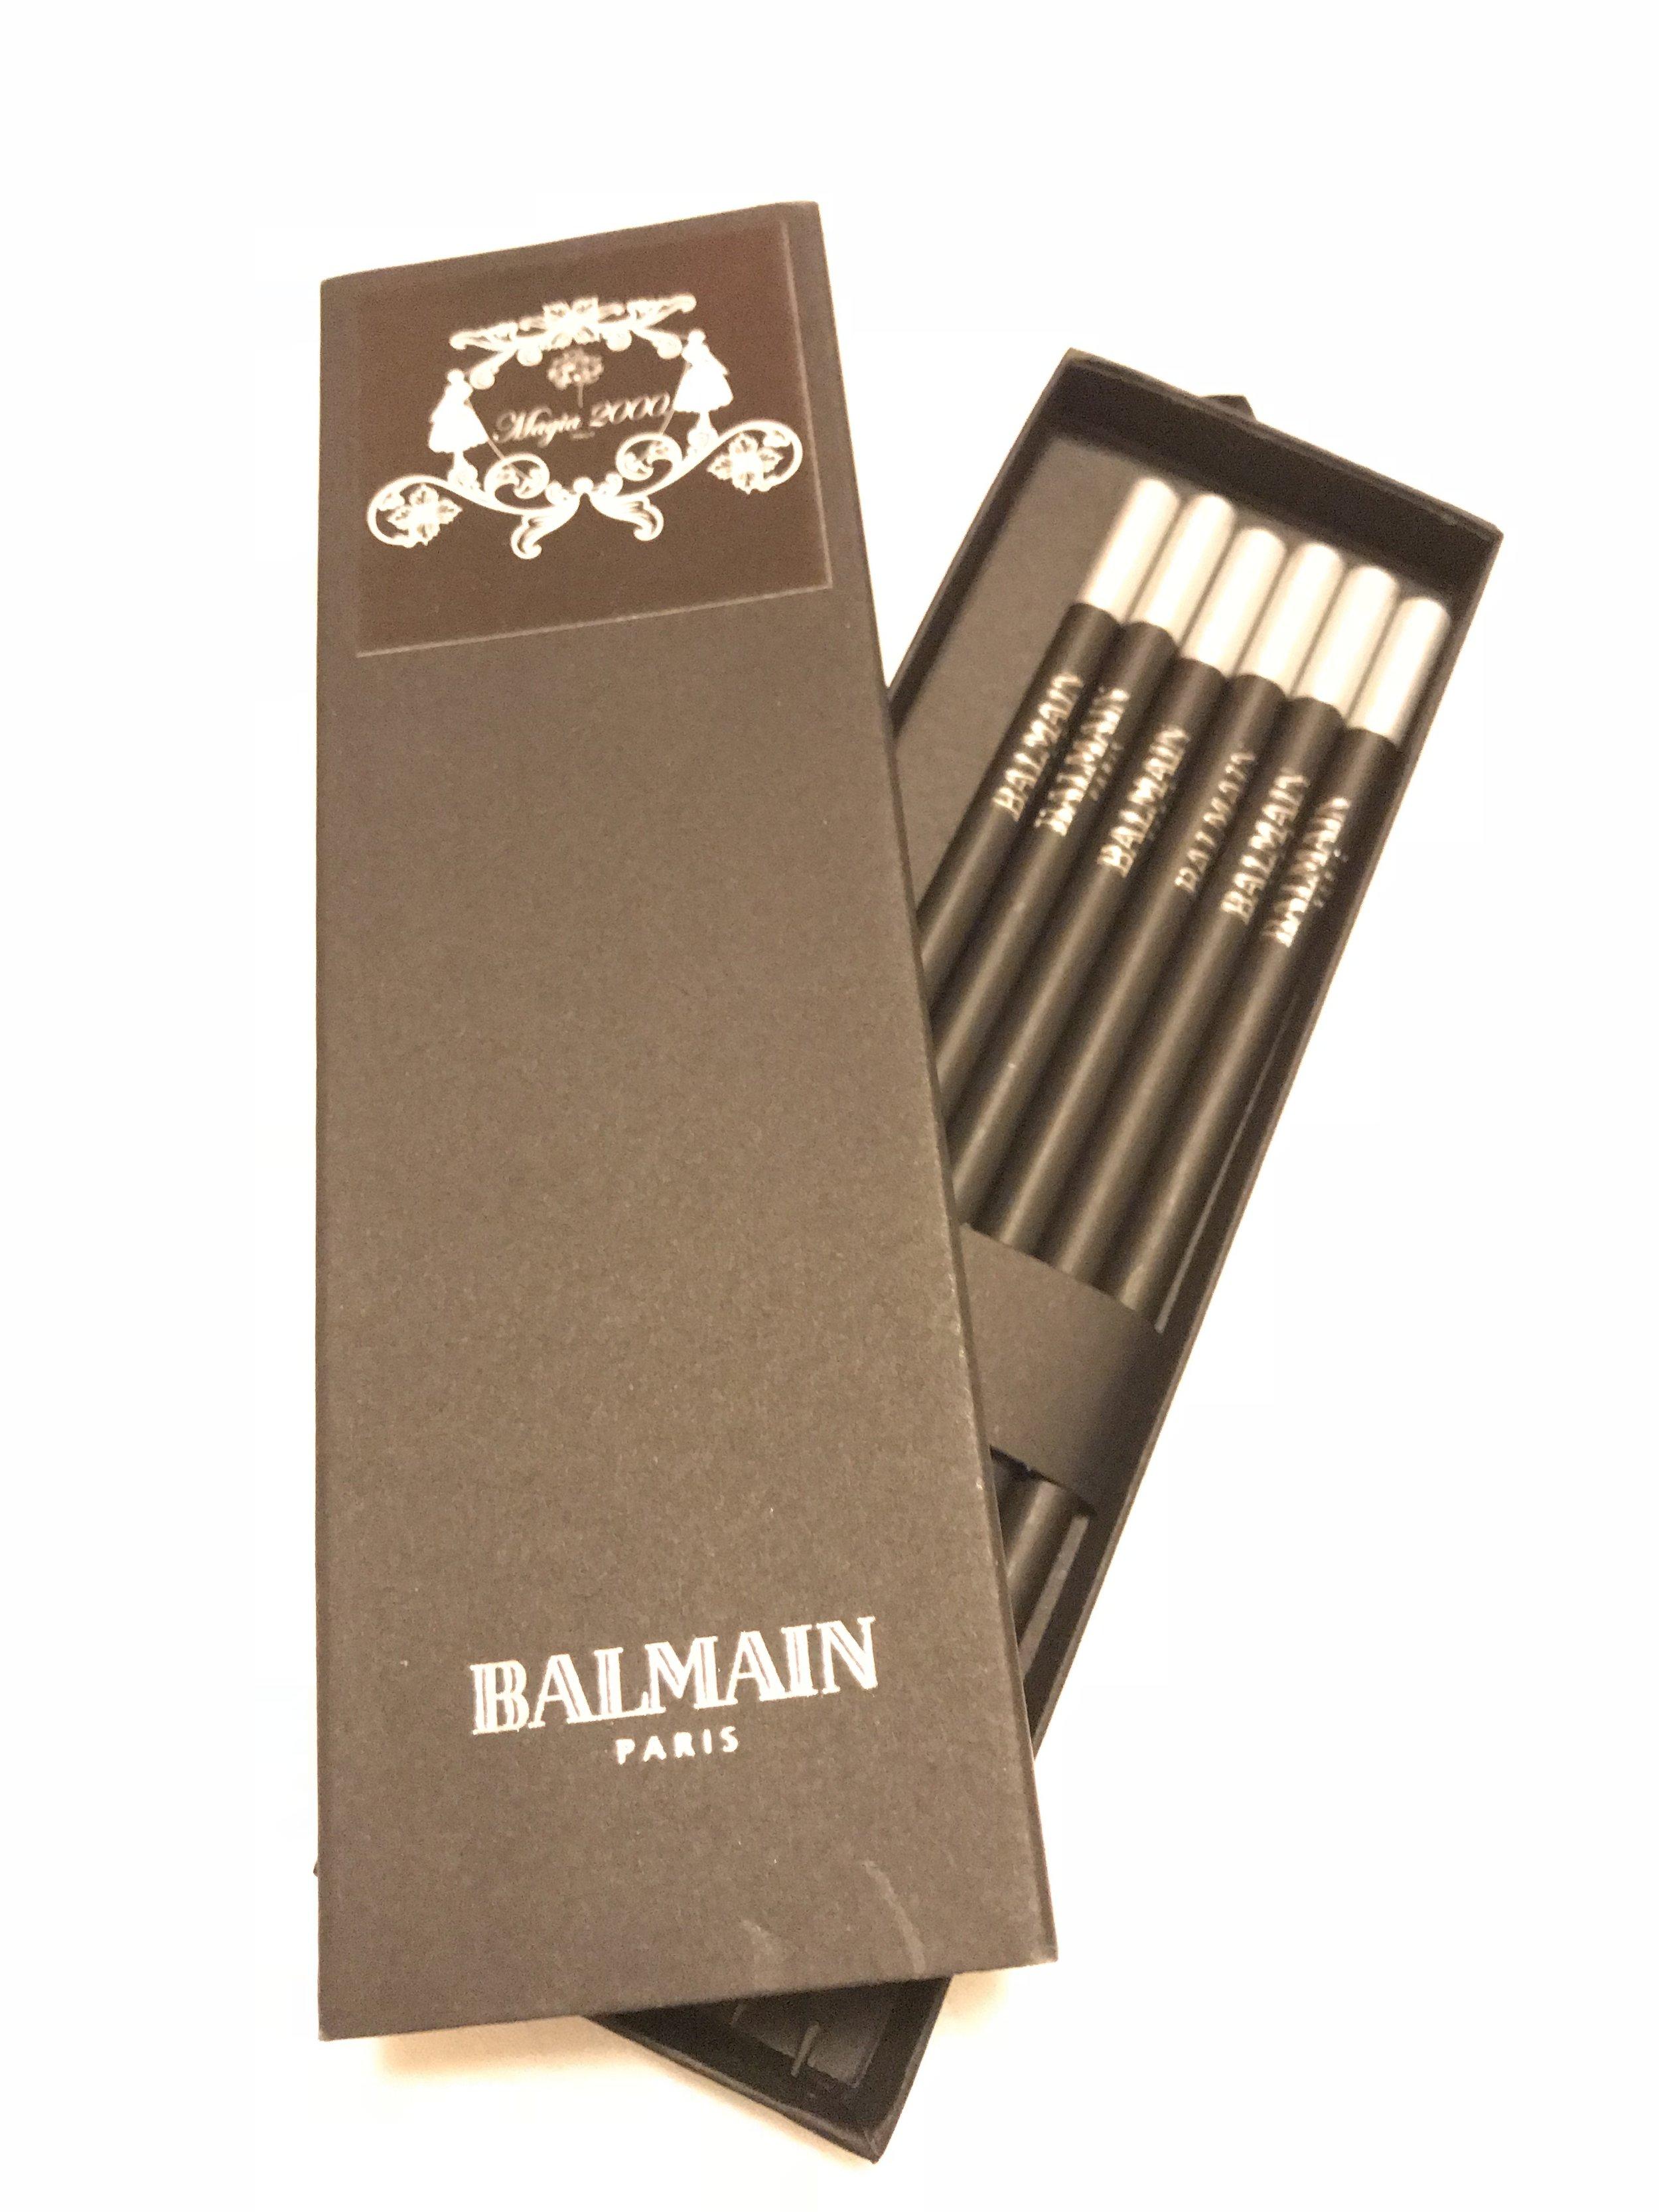 Best of the bunch: Balmain pencils!